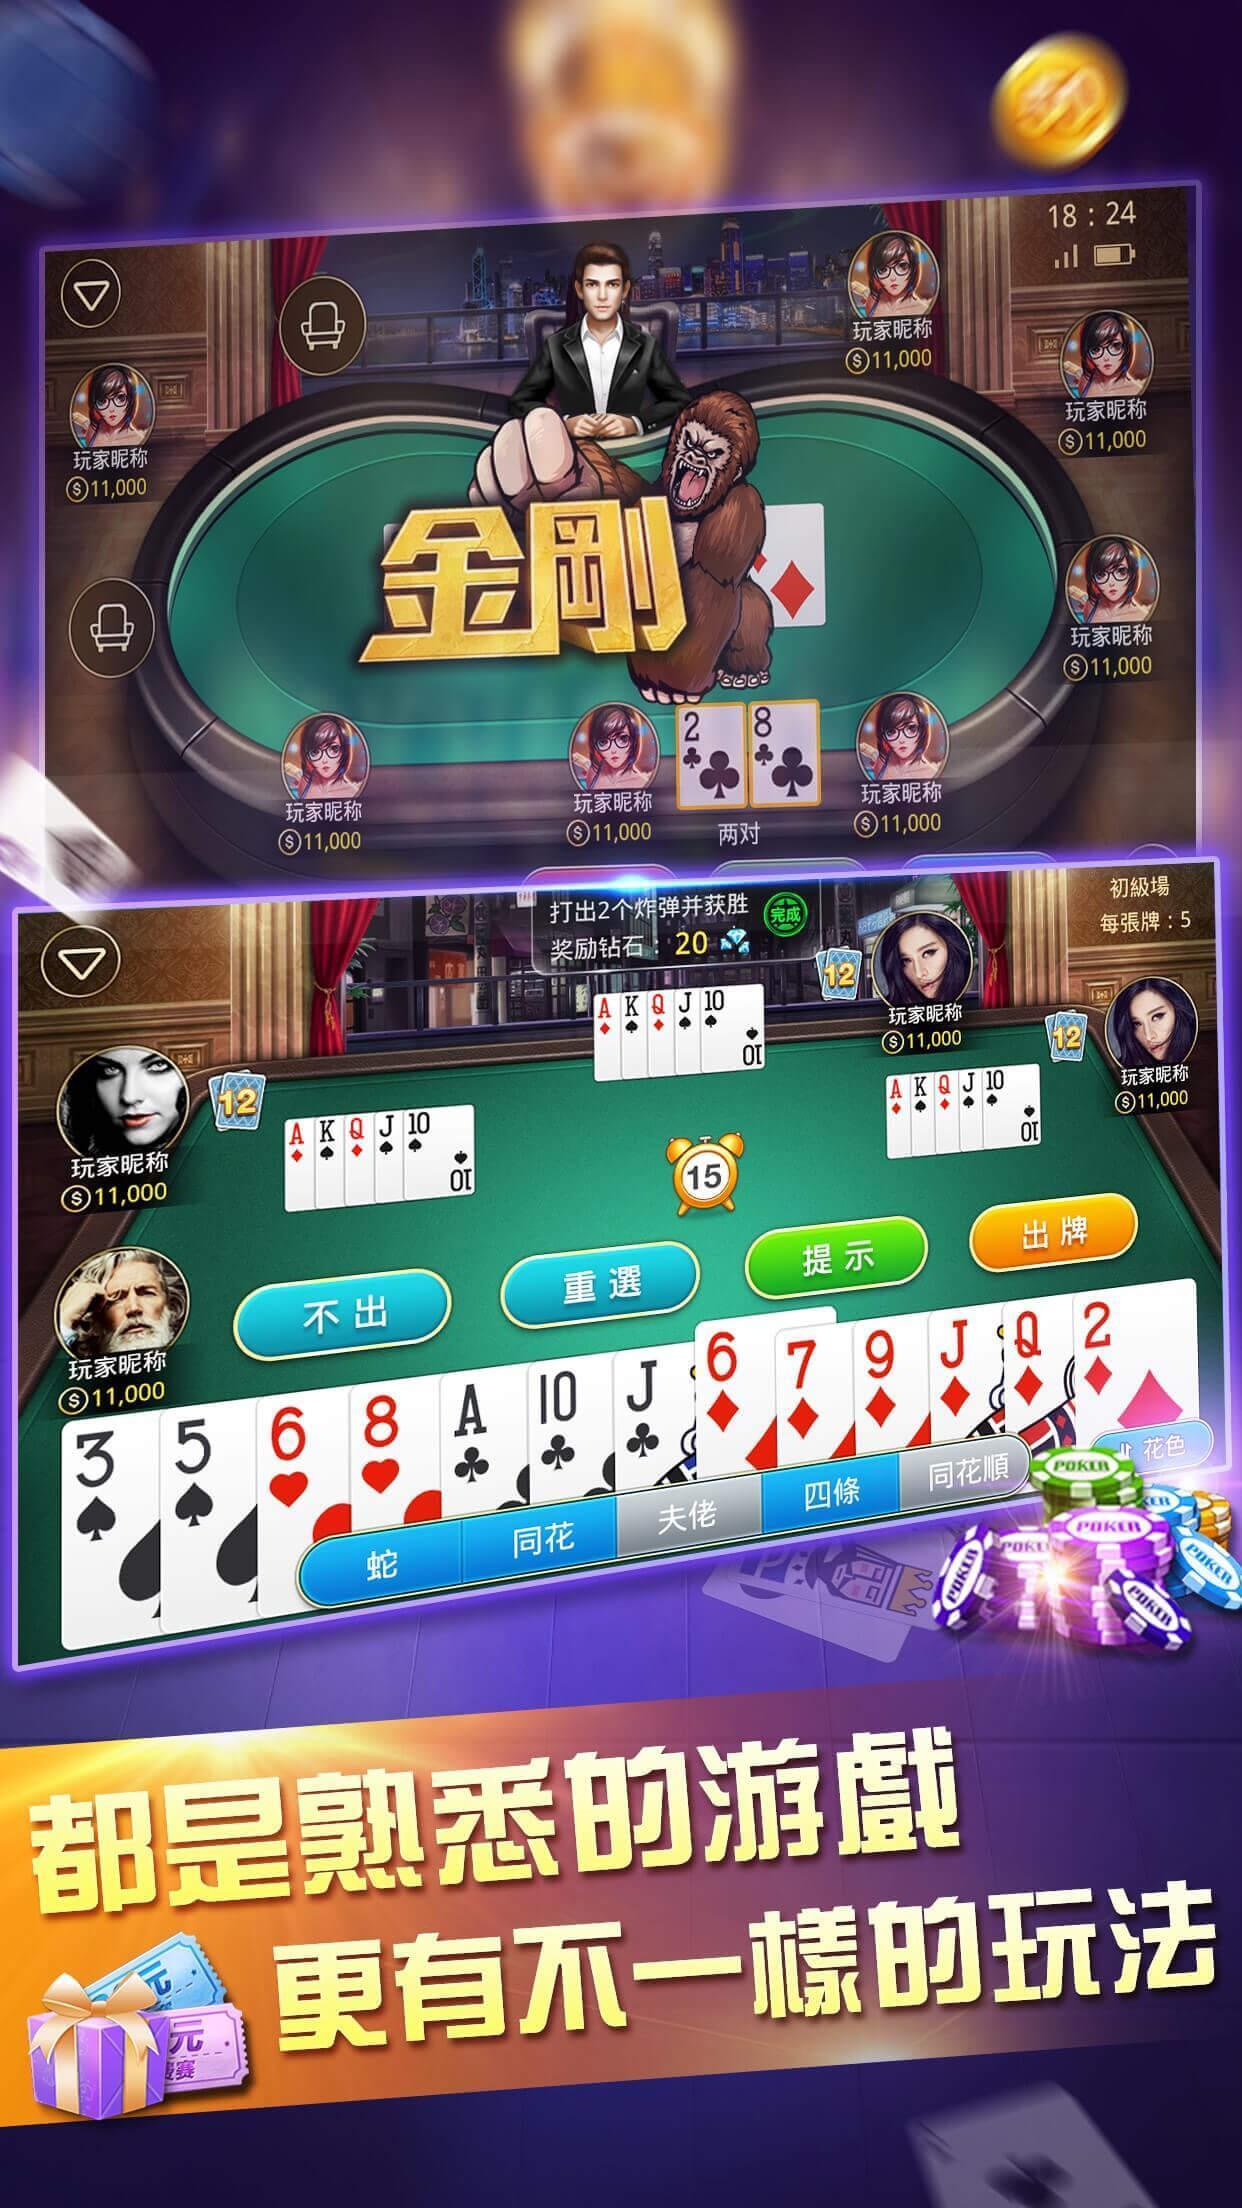 鋤大地、鬥地主合集-快逗遊戲 3.0.0 Screenshot 3